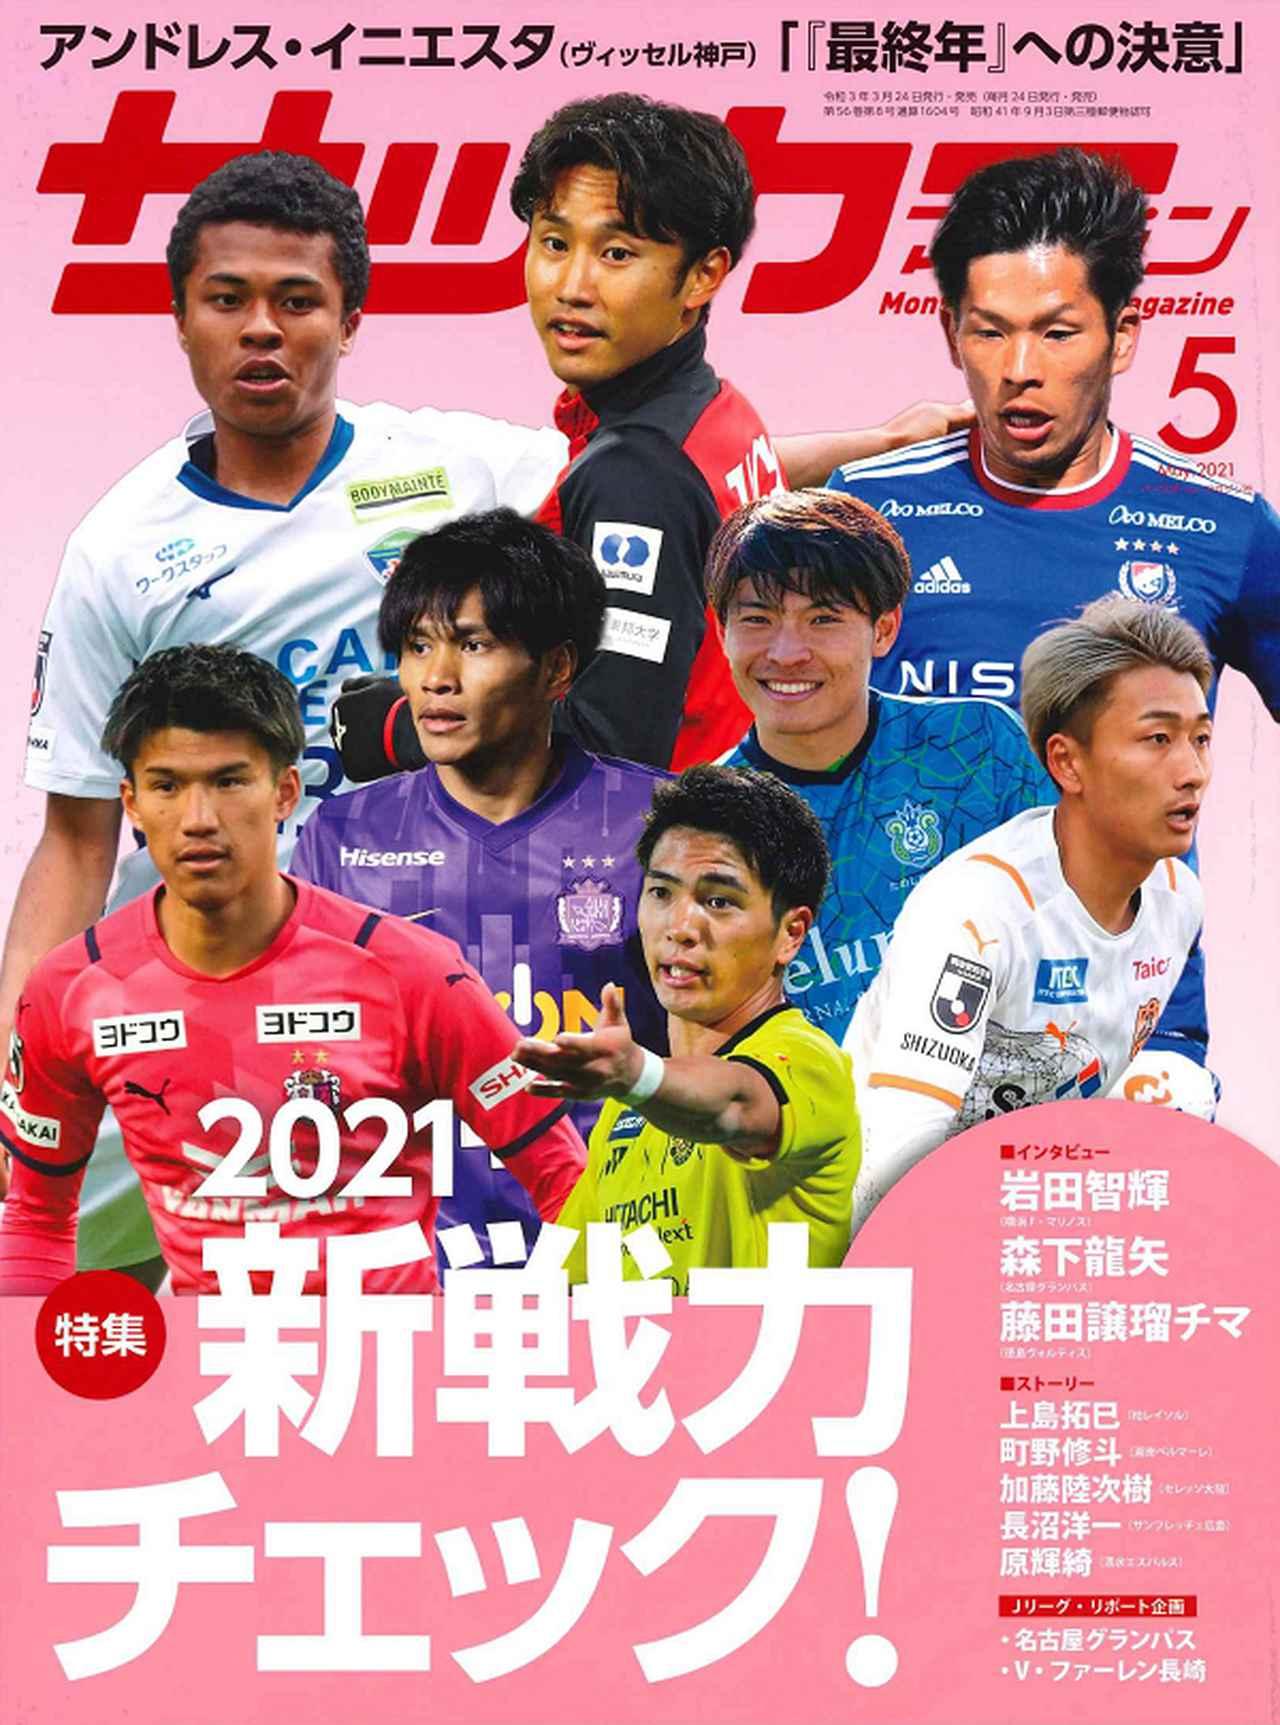 画像: 【Amazonからのご購入】 サッカーマガジン 5月号 www.amazon.co.jp